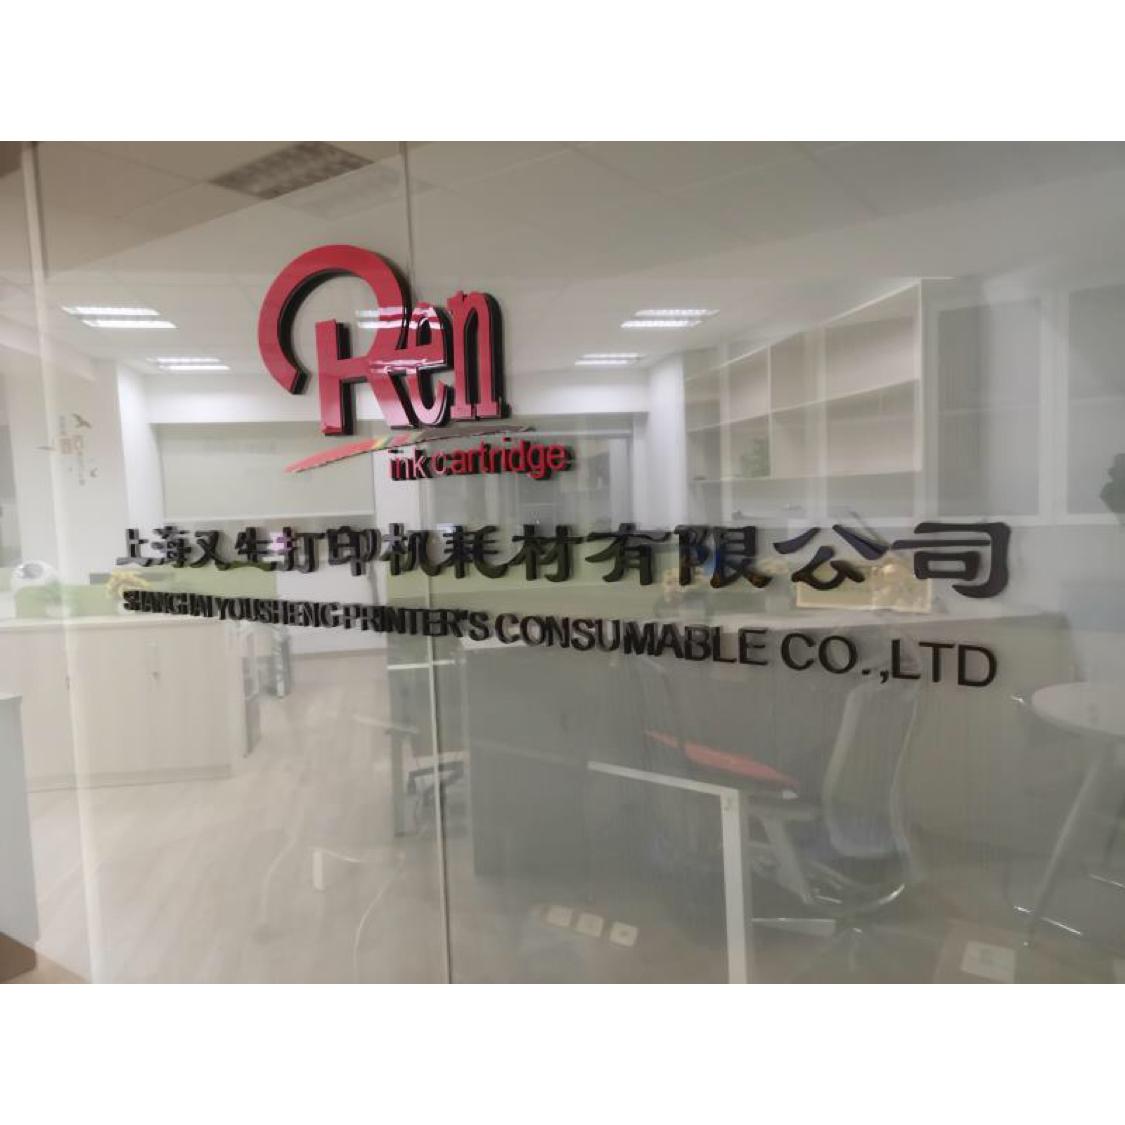 上海又生打印機耗材有限公司